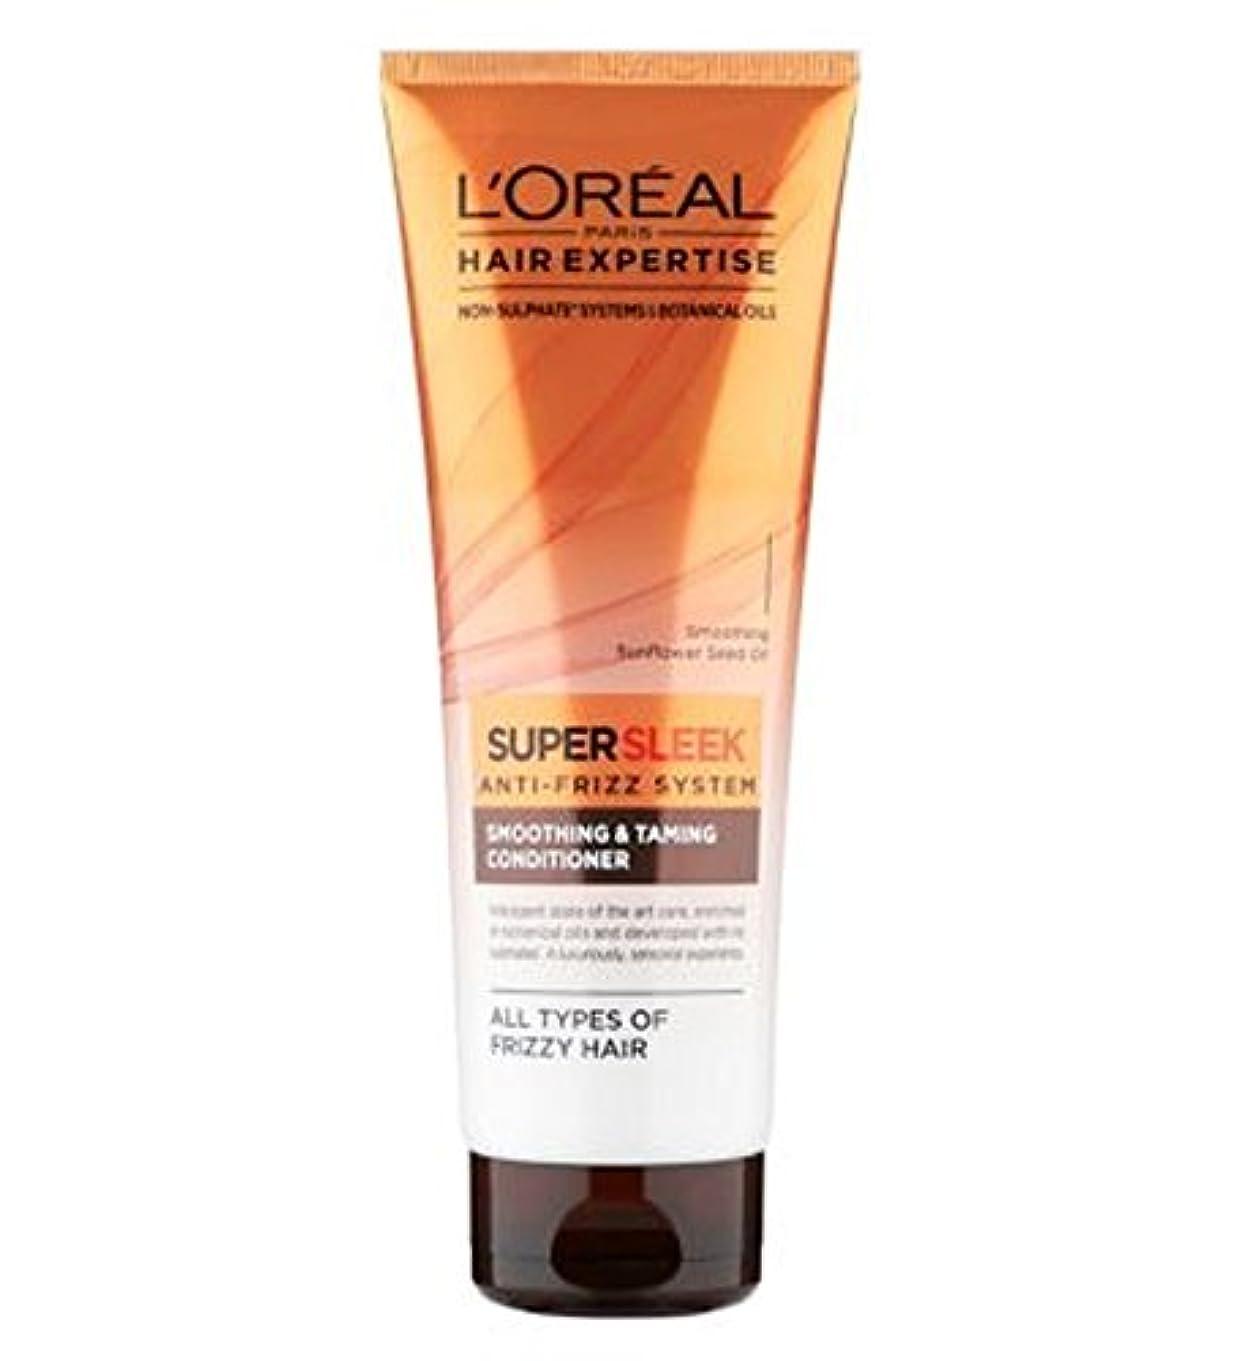 旅行代理店学んだ嘆くL'Oreall髪の専門知識Supersleekコンディショナー250ミリリットル (L'Oreal) (x2) - L'Oreall Hair Expertise SuperSleek Conditioner 250ml (Pack of 2) [並行輸入品]